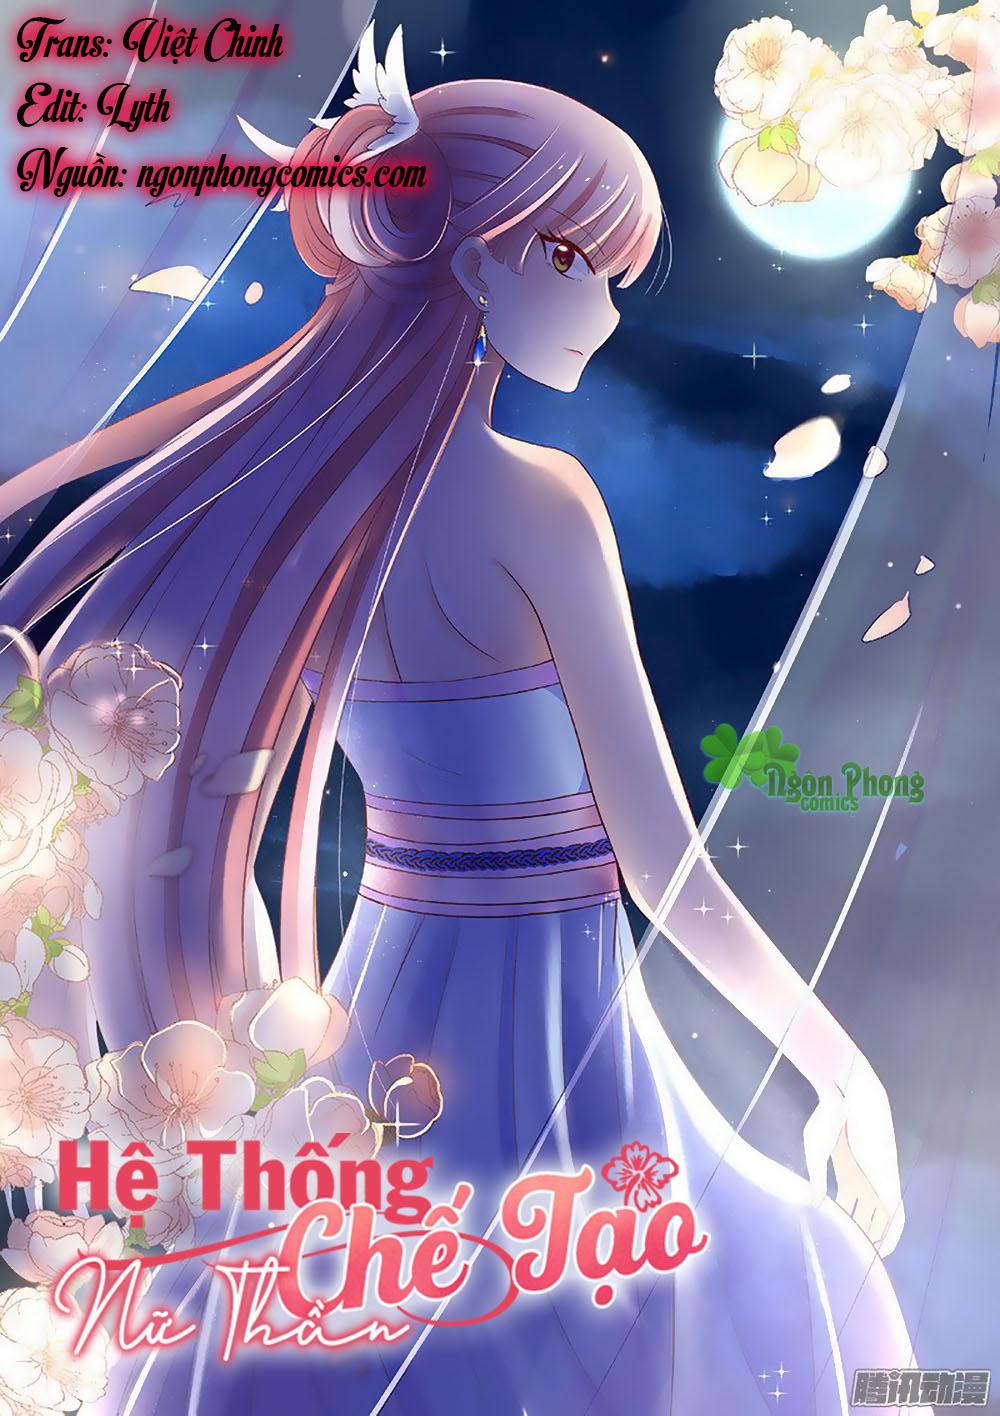 Hệ Thống Chế Tạo Nữ Thần Chapter 27 - Hamtruyen.vn